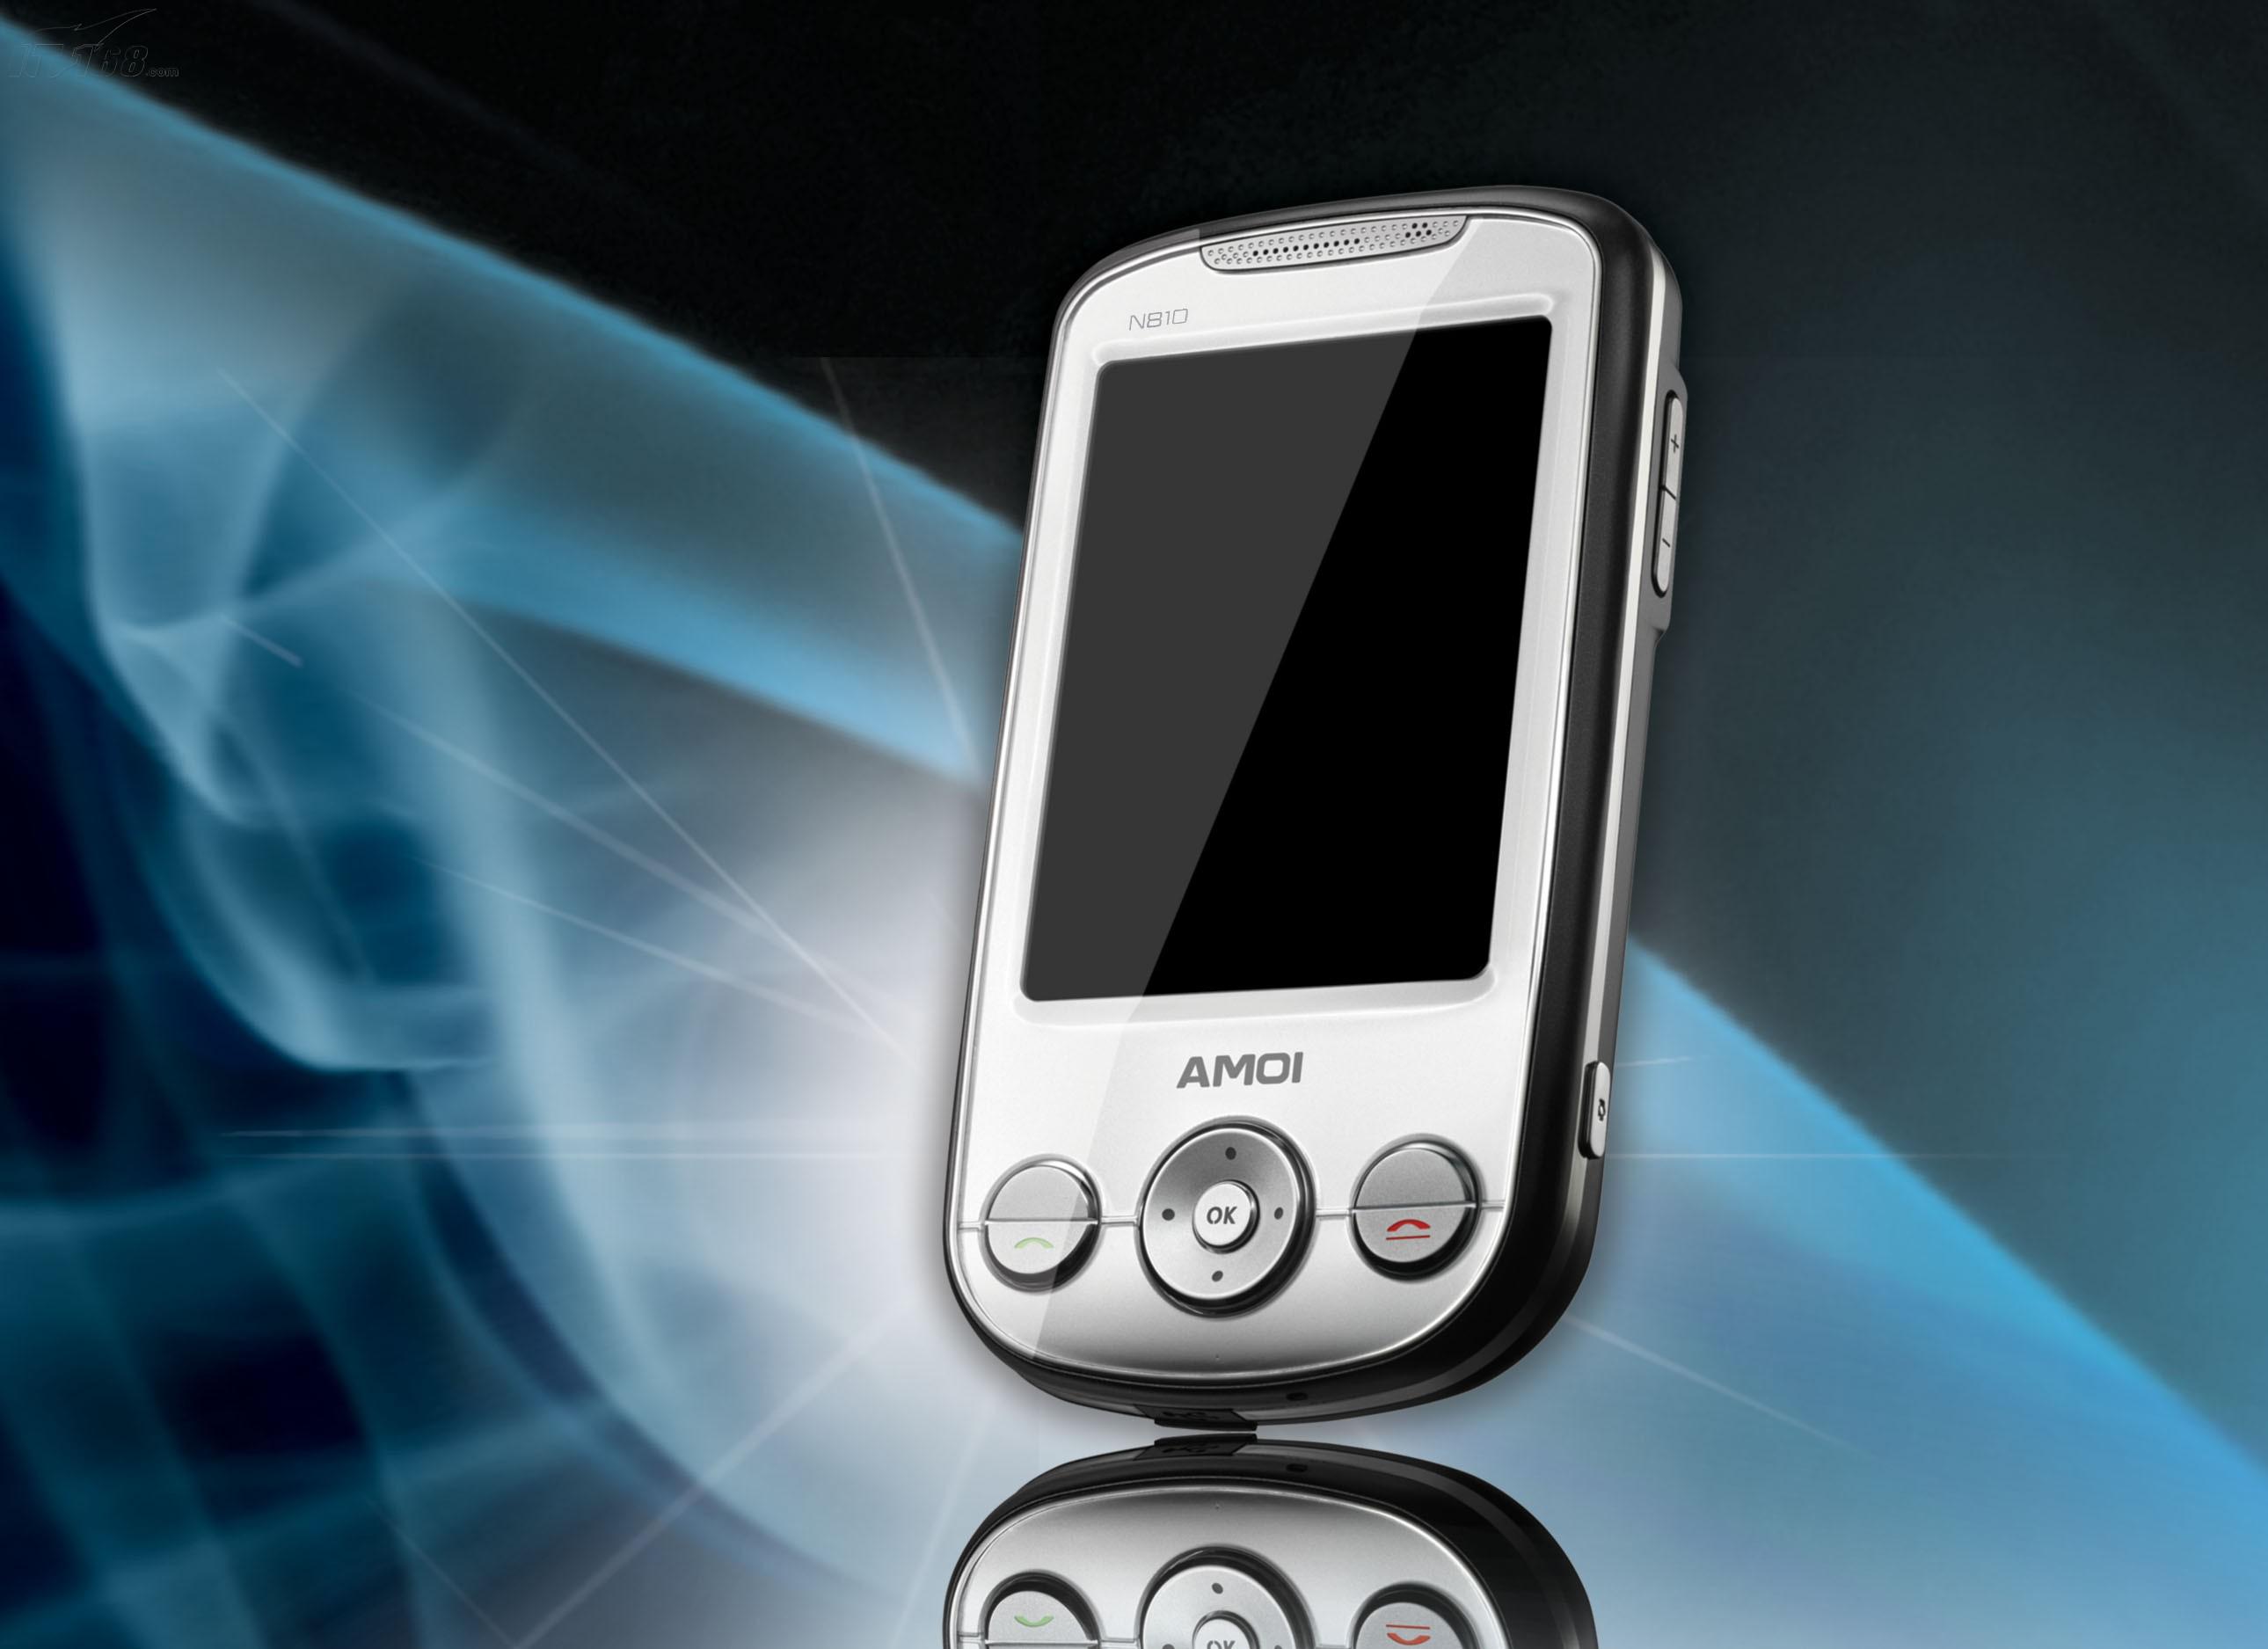 夏新n810手机产品图片3